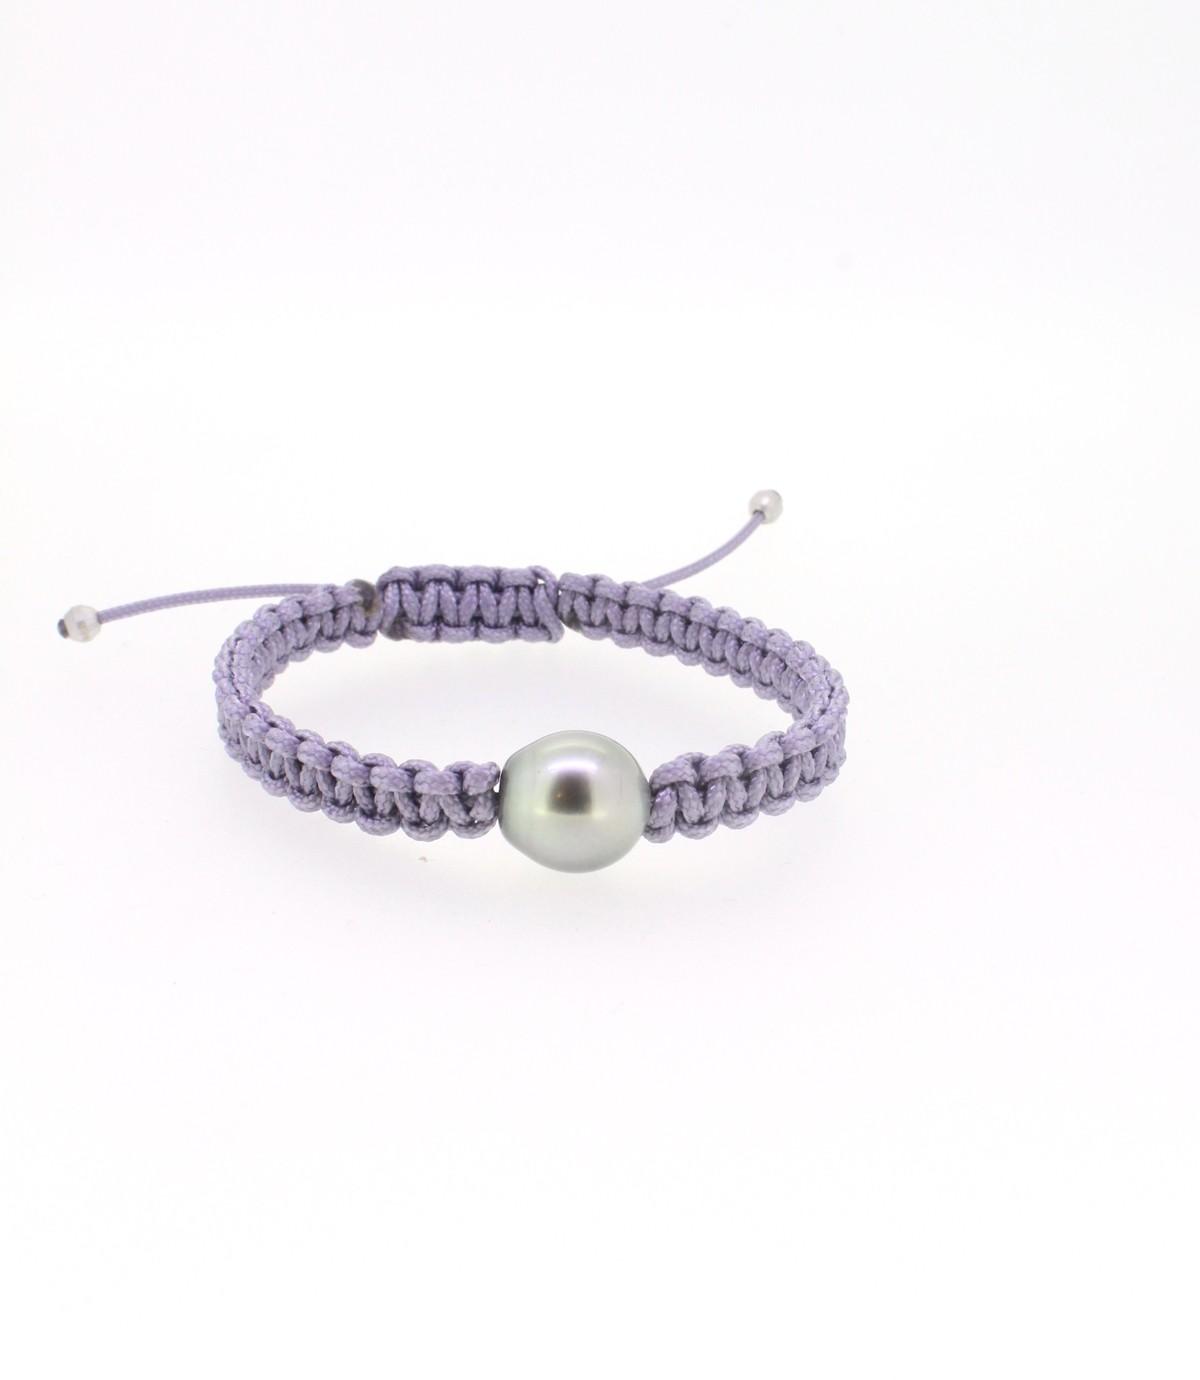 Armband Pearlmates Tahiti brom - Gellner - 2-81560-01